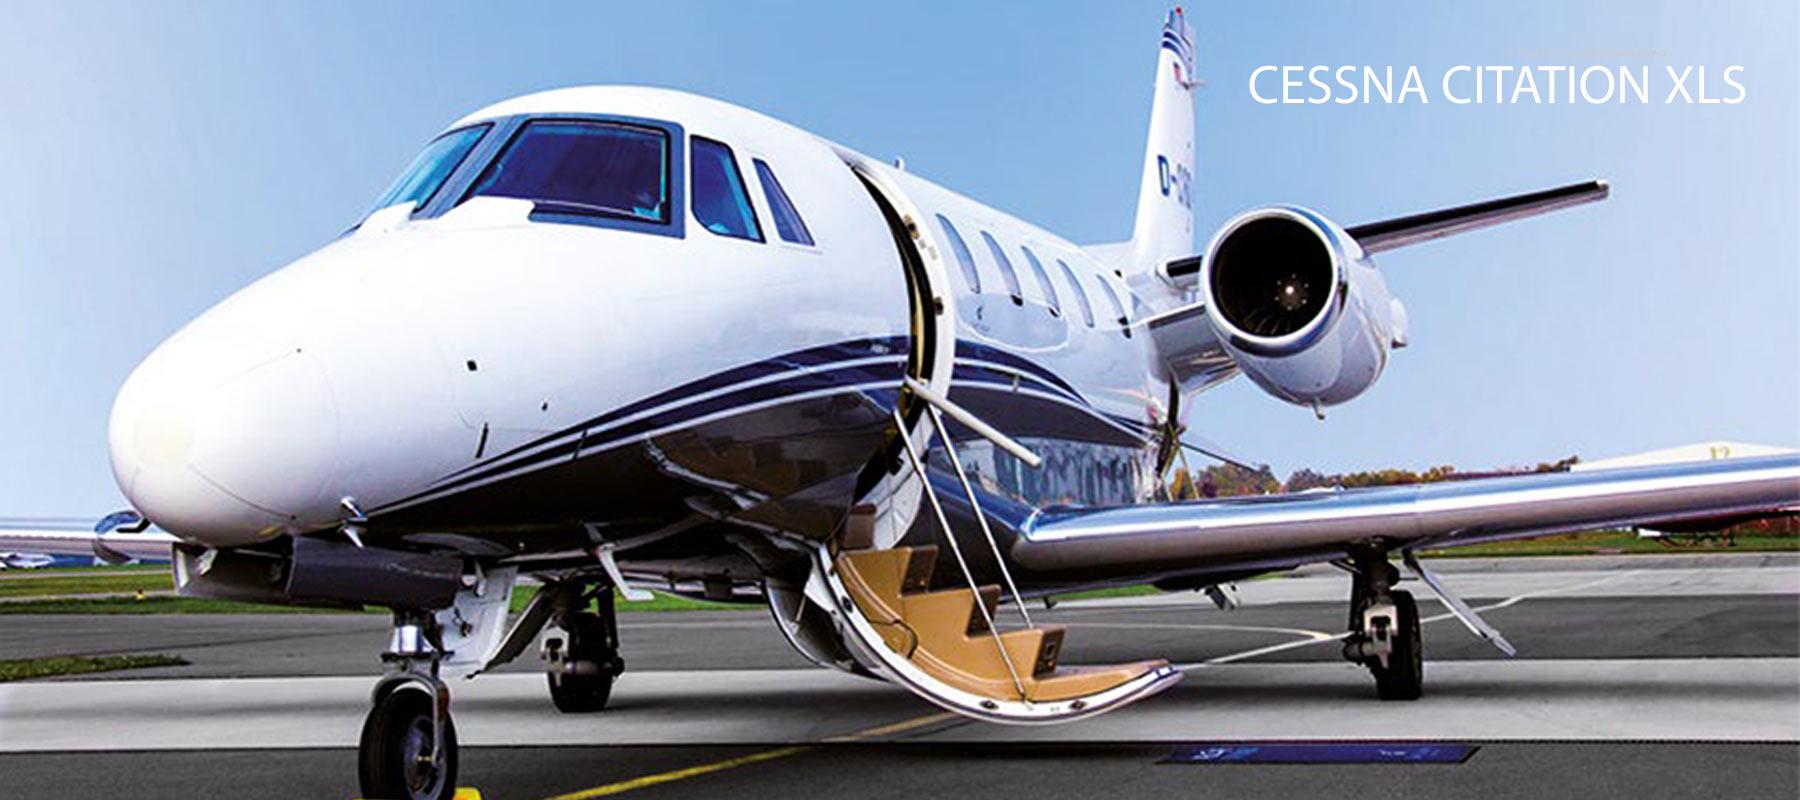 Cessna Citation XLS von außen